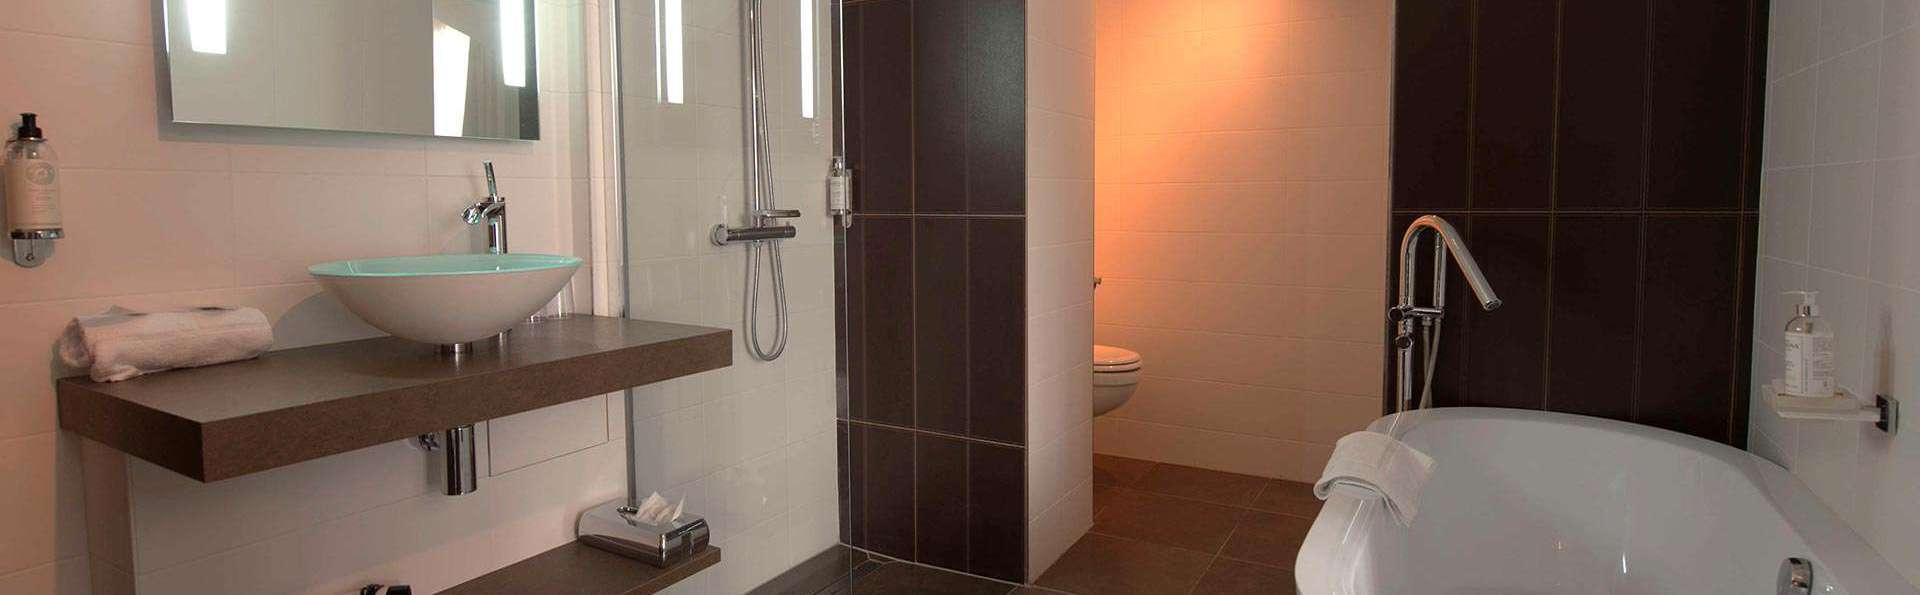 Best Western Hôtel et Spa Villa Saint Antoine - edit_bathroomX9.jpg